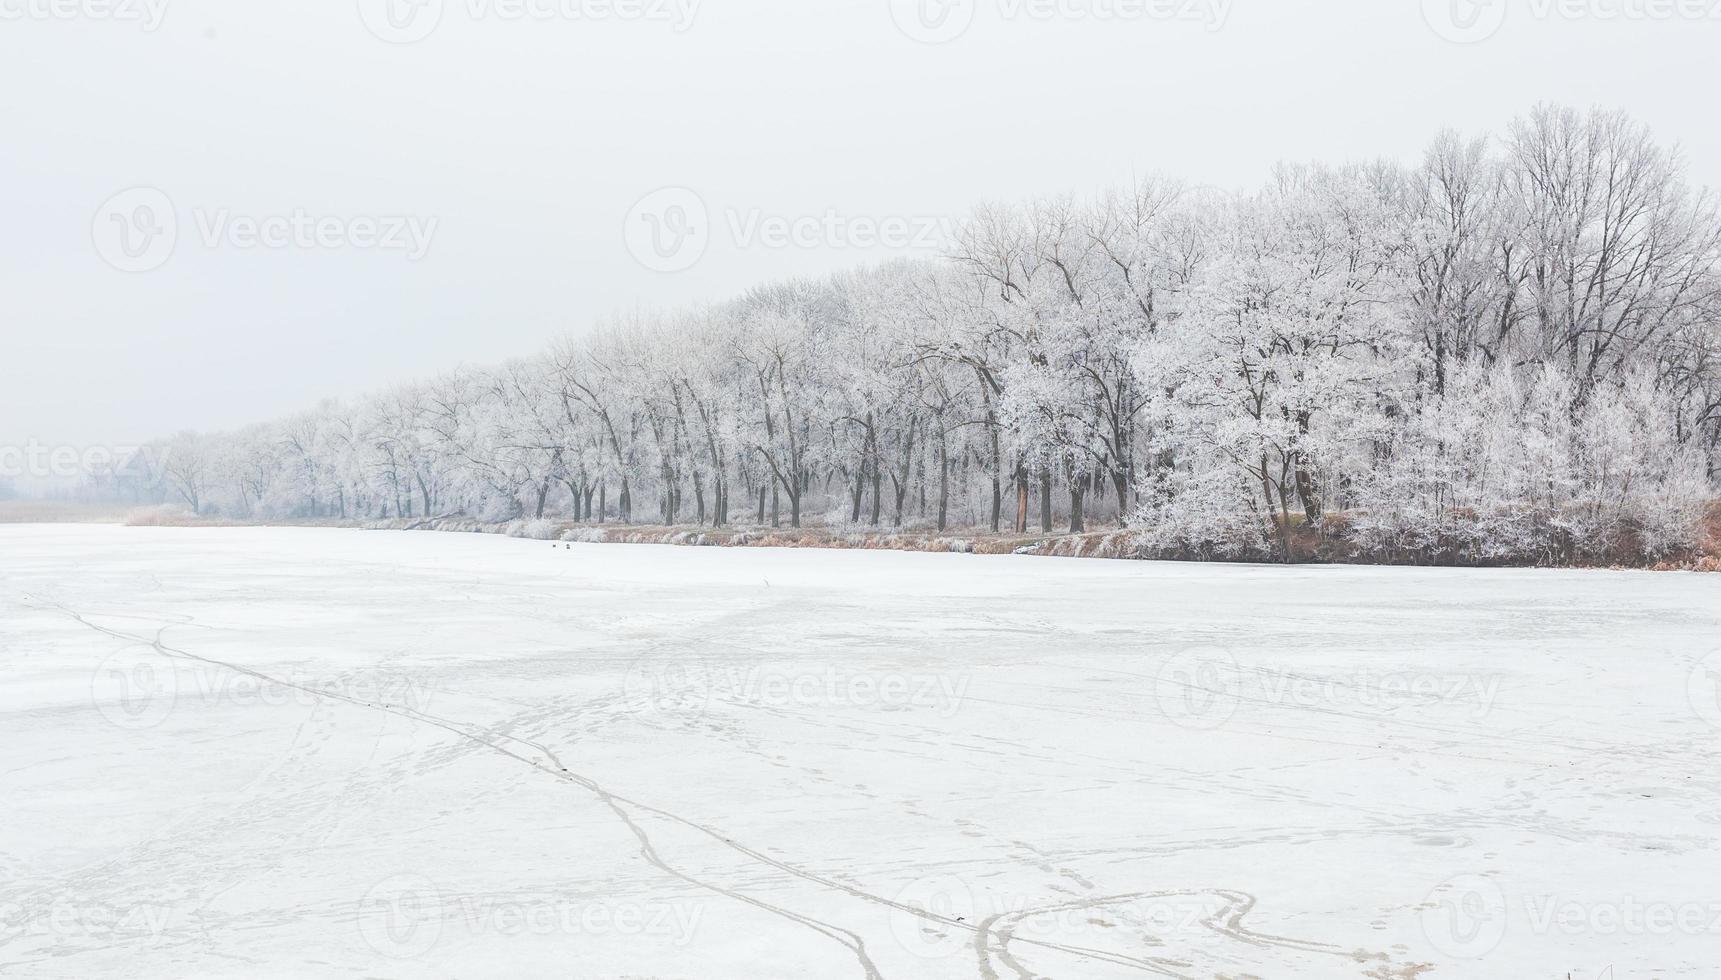 Winterzeit im Waldsee foto